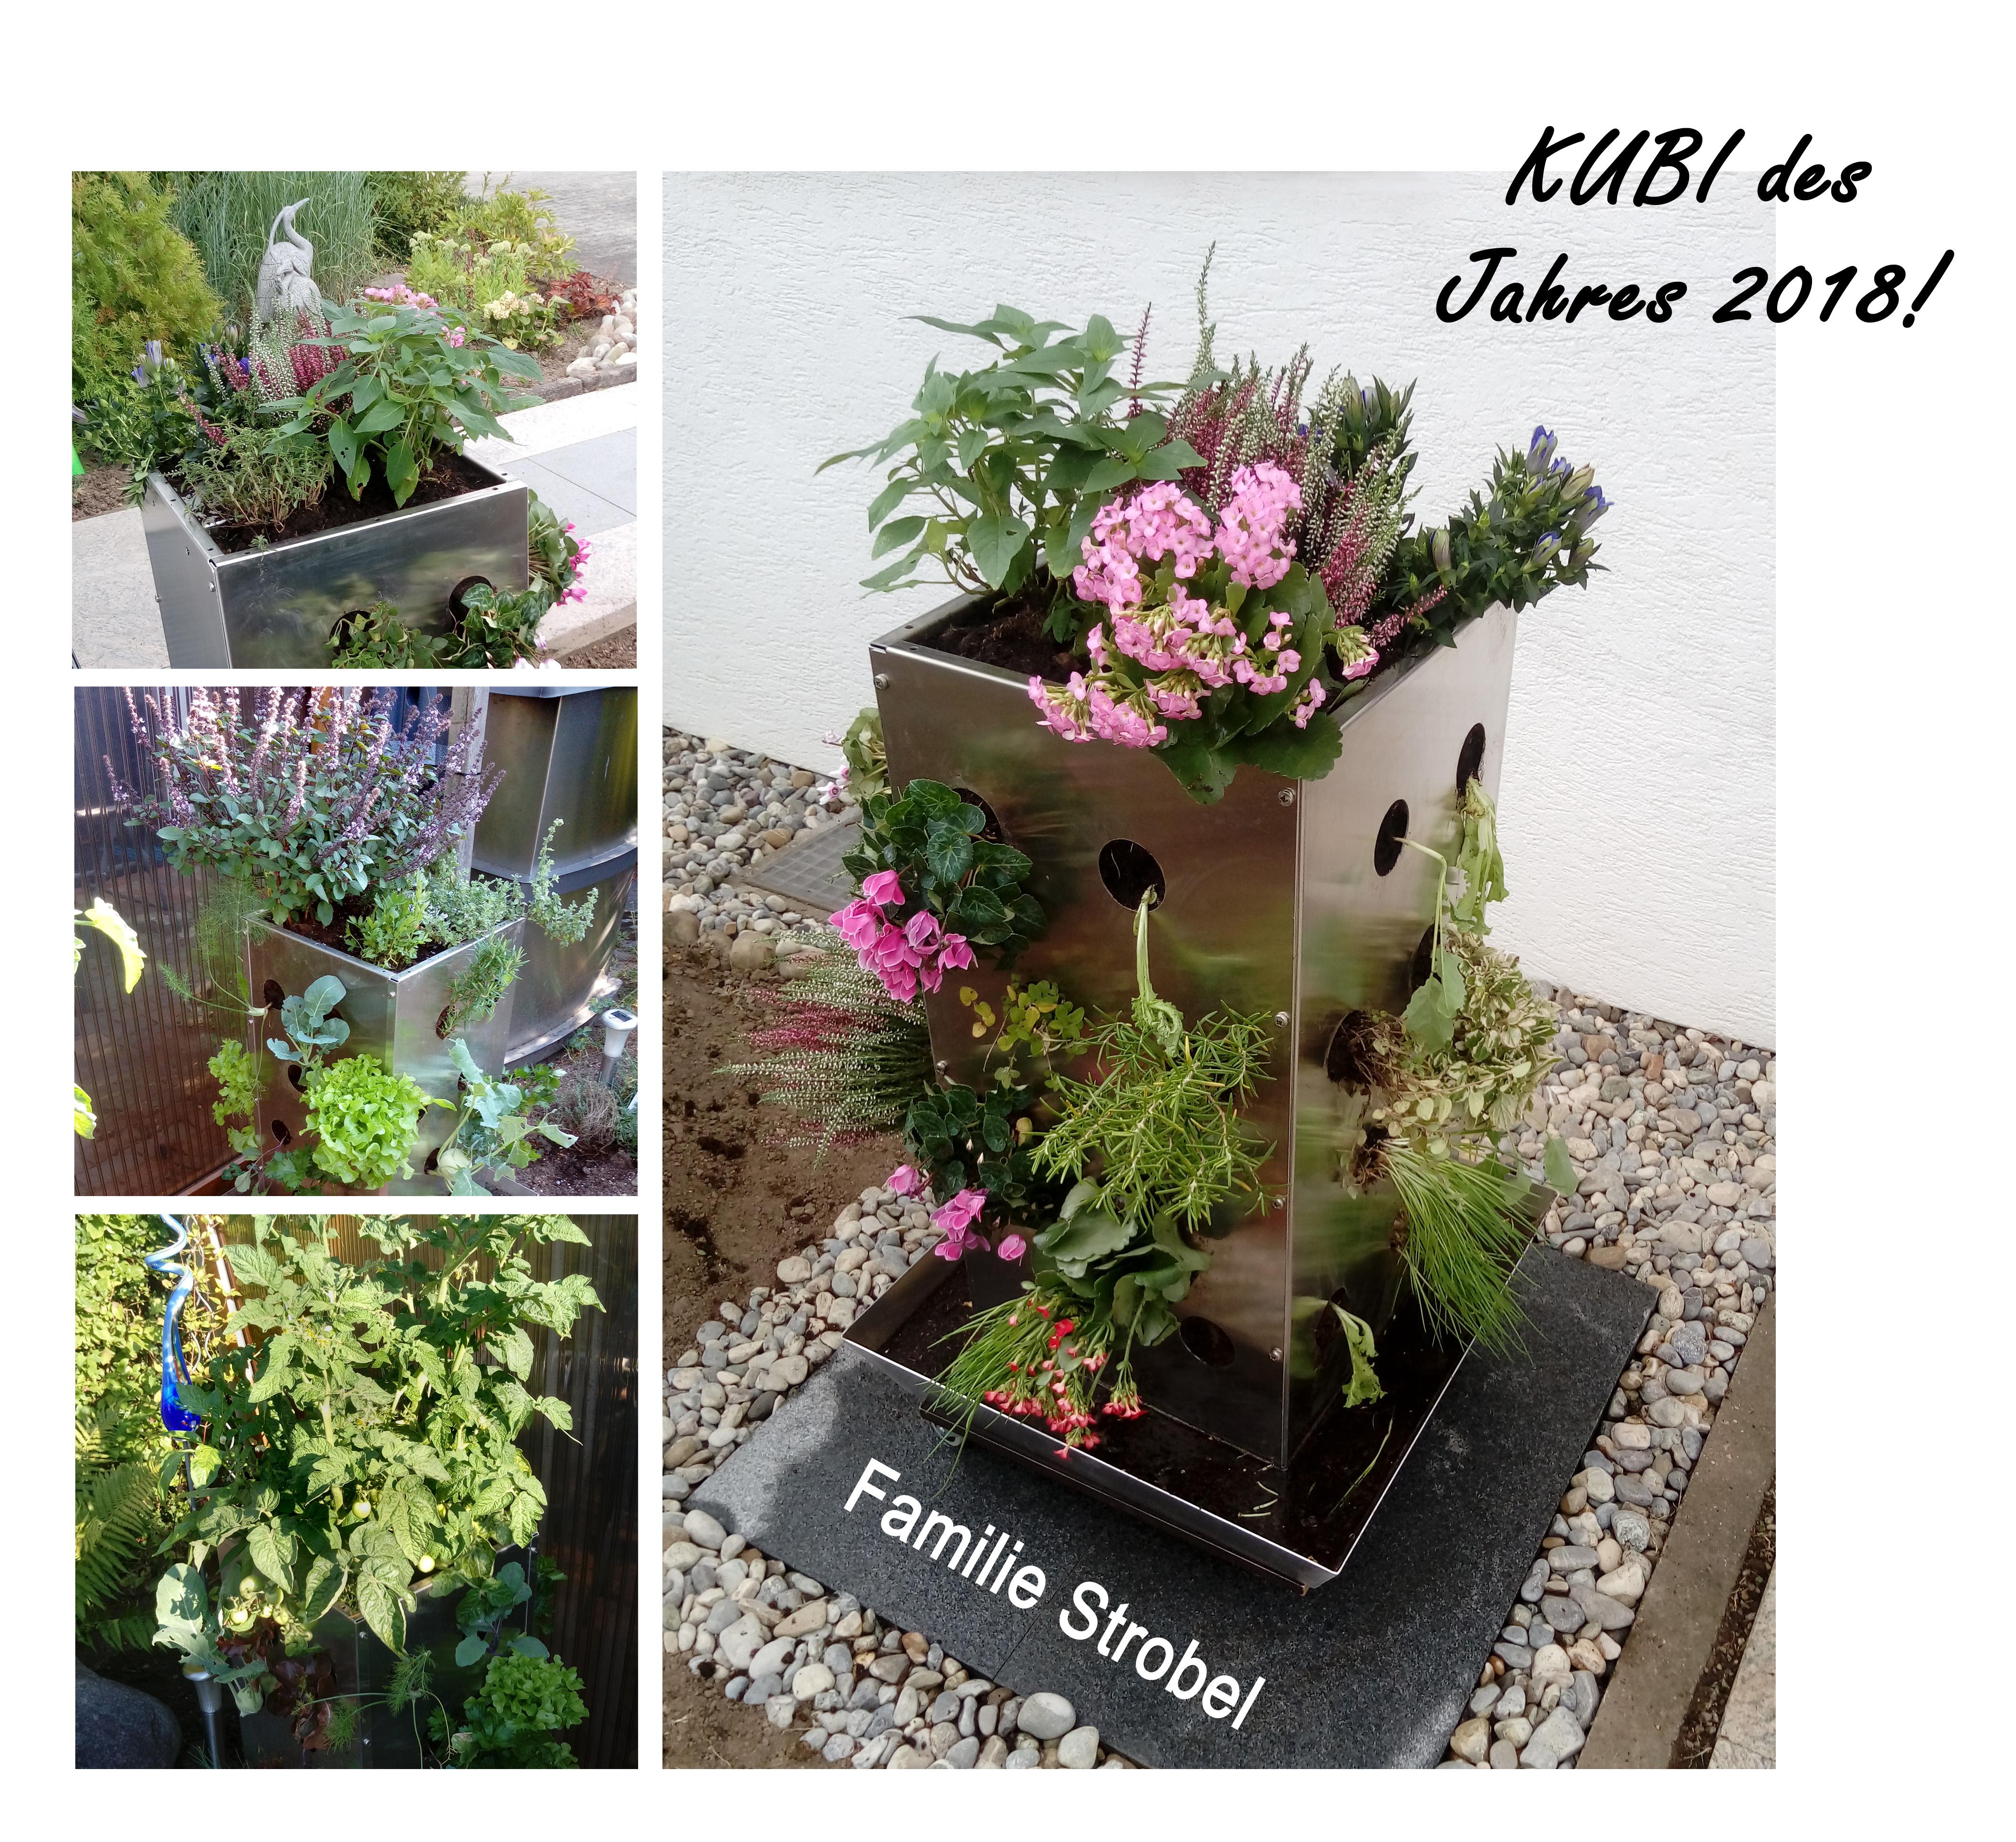 2018 KUBI des Jahres Familie Strobel